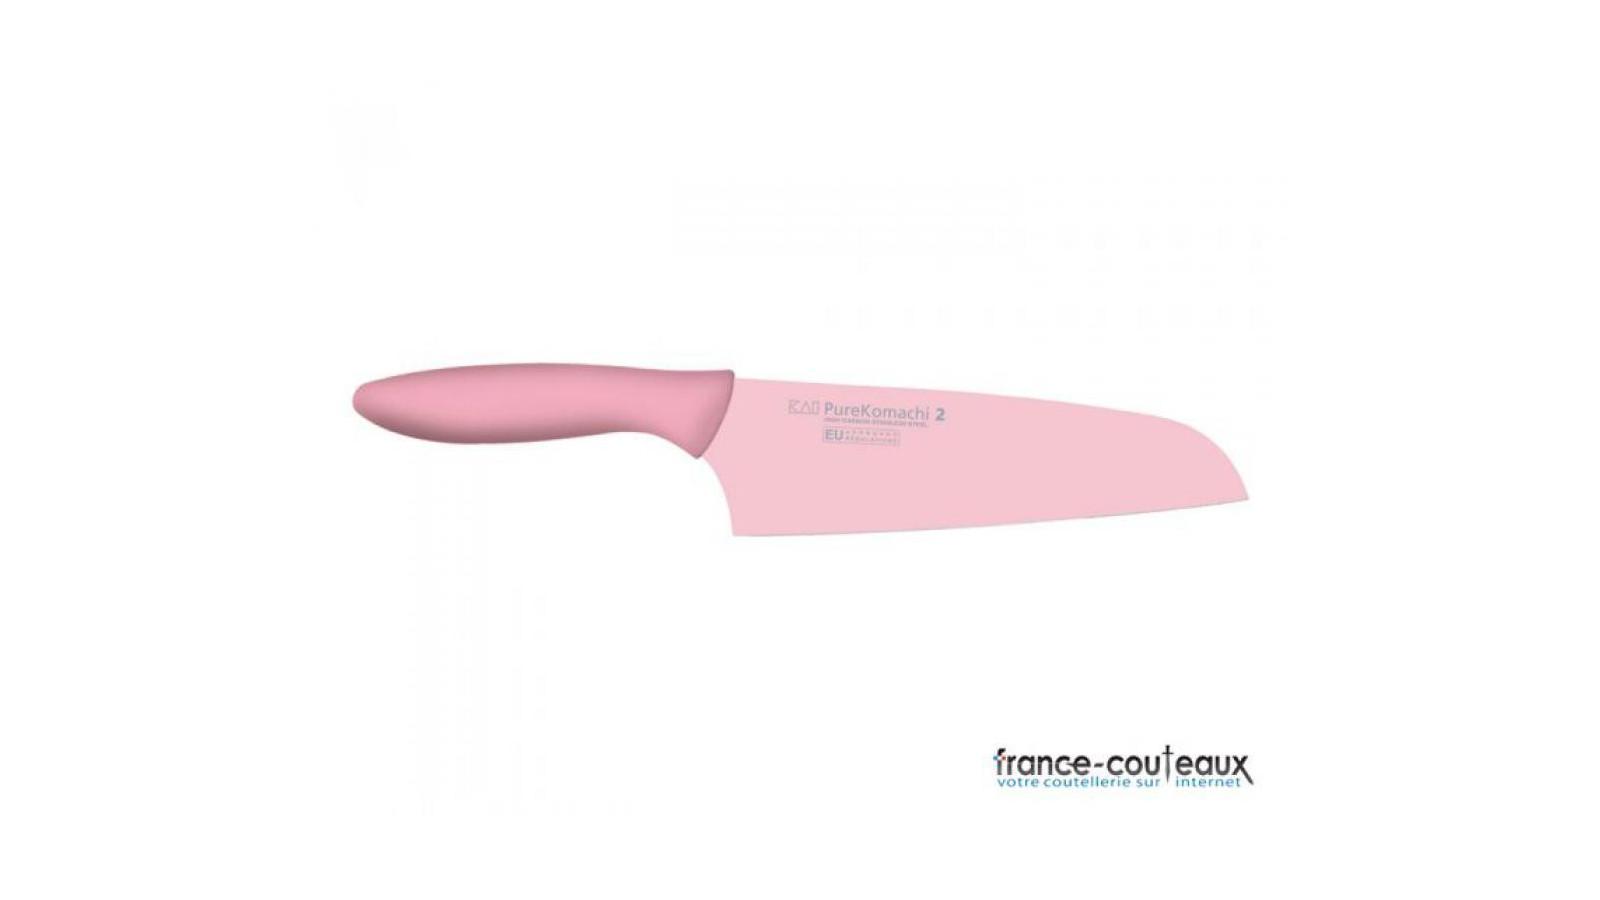 Shocker éléctrique rechargeable Keyshock Electromax EM5 2200KV